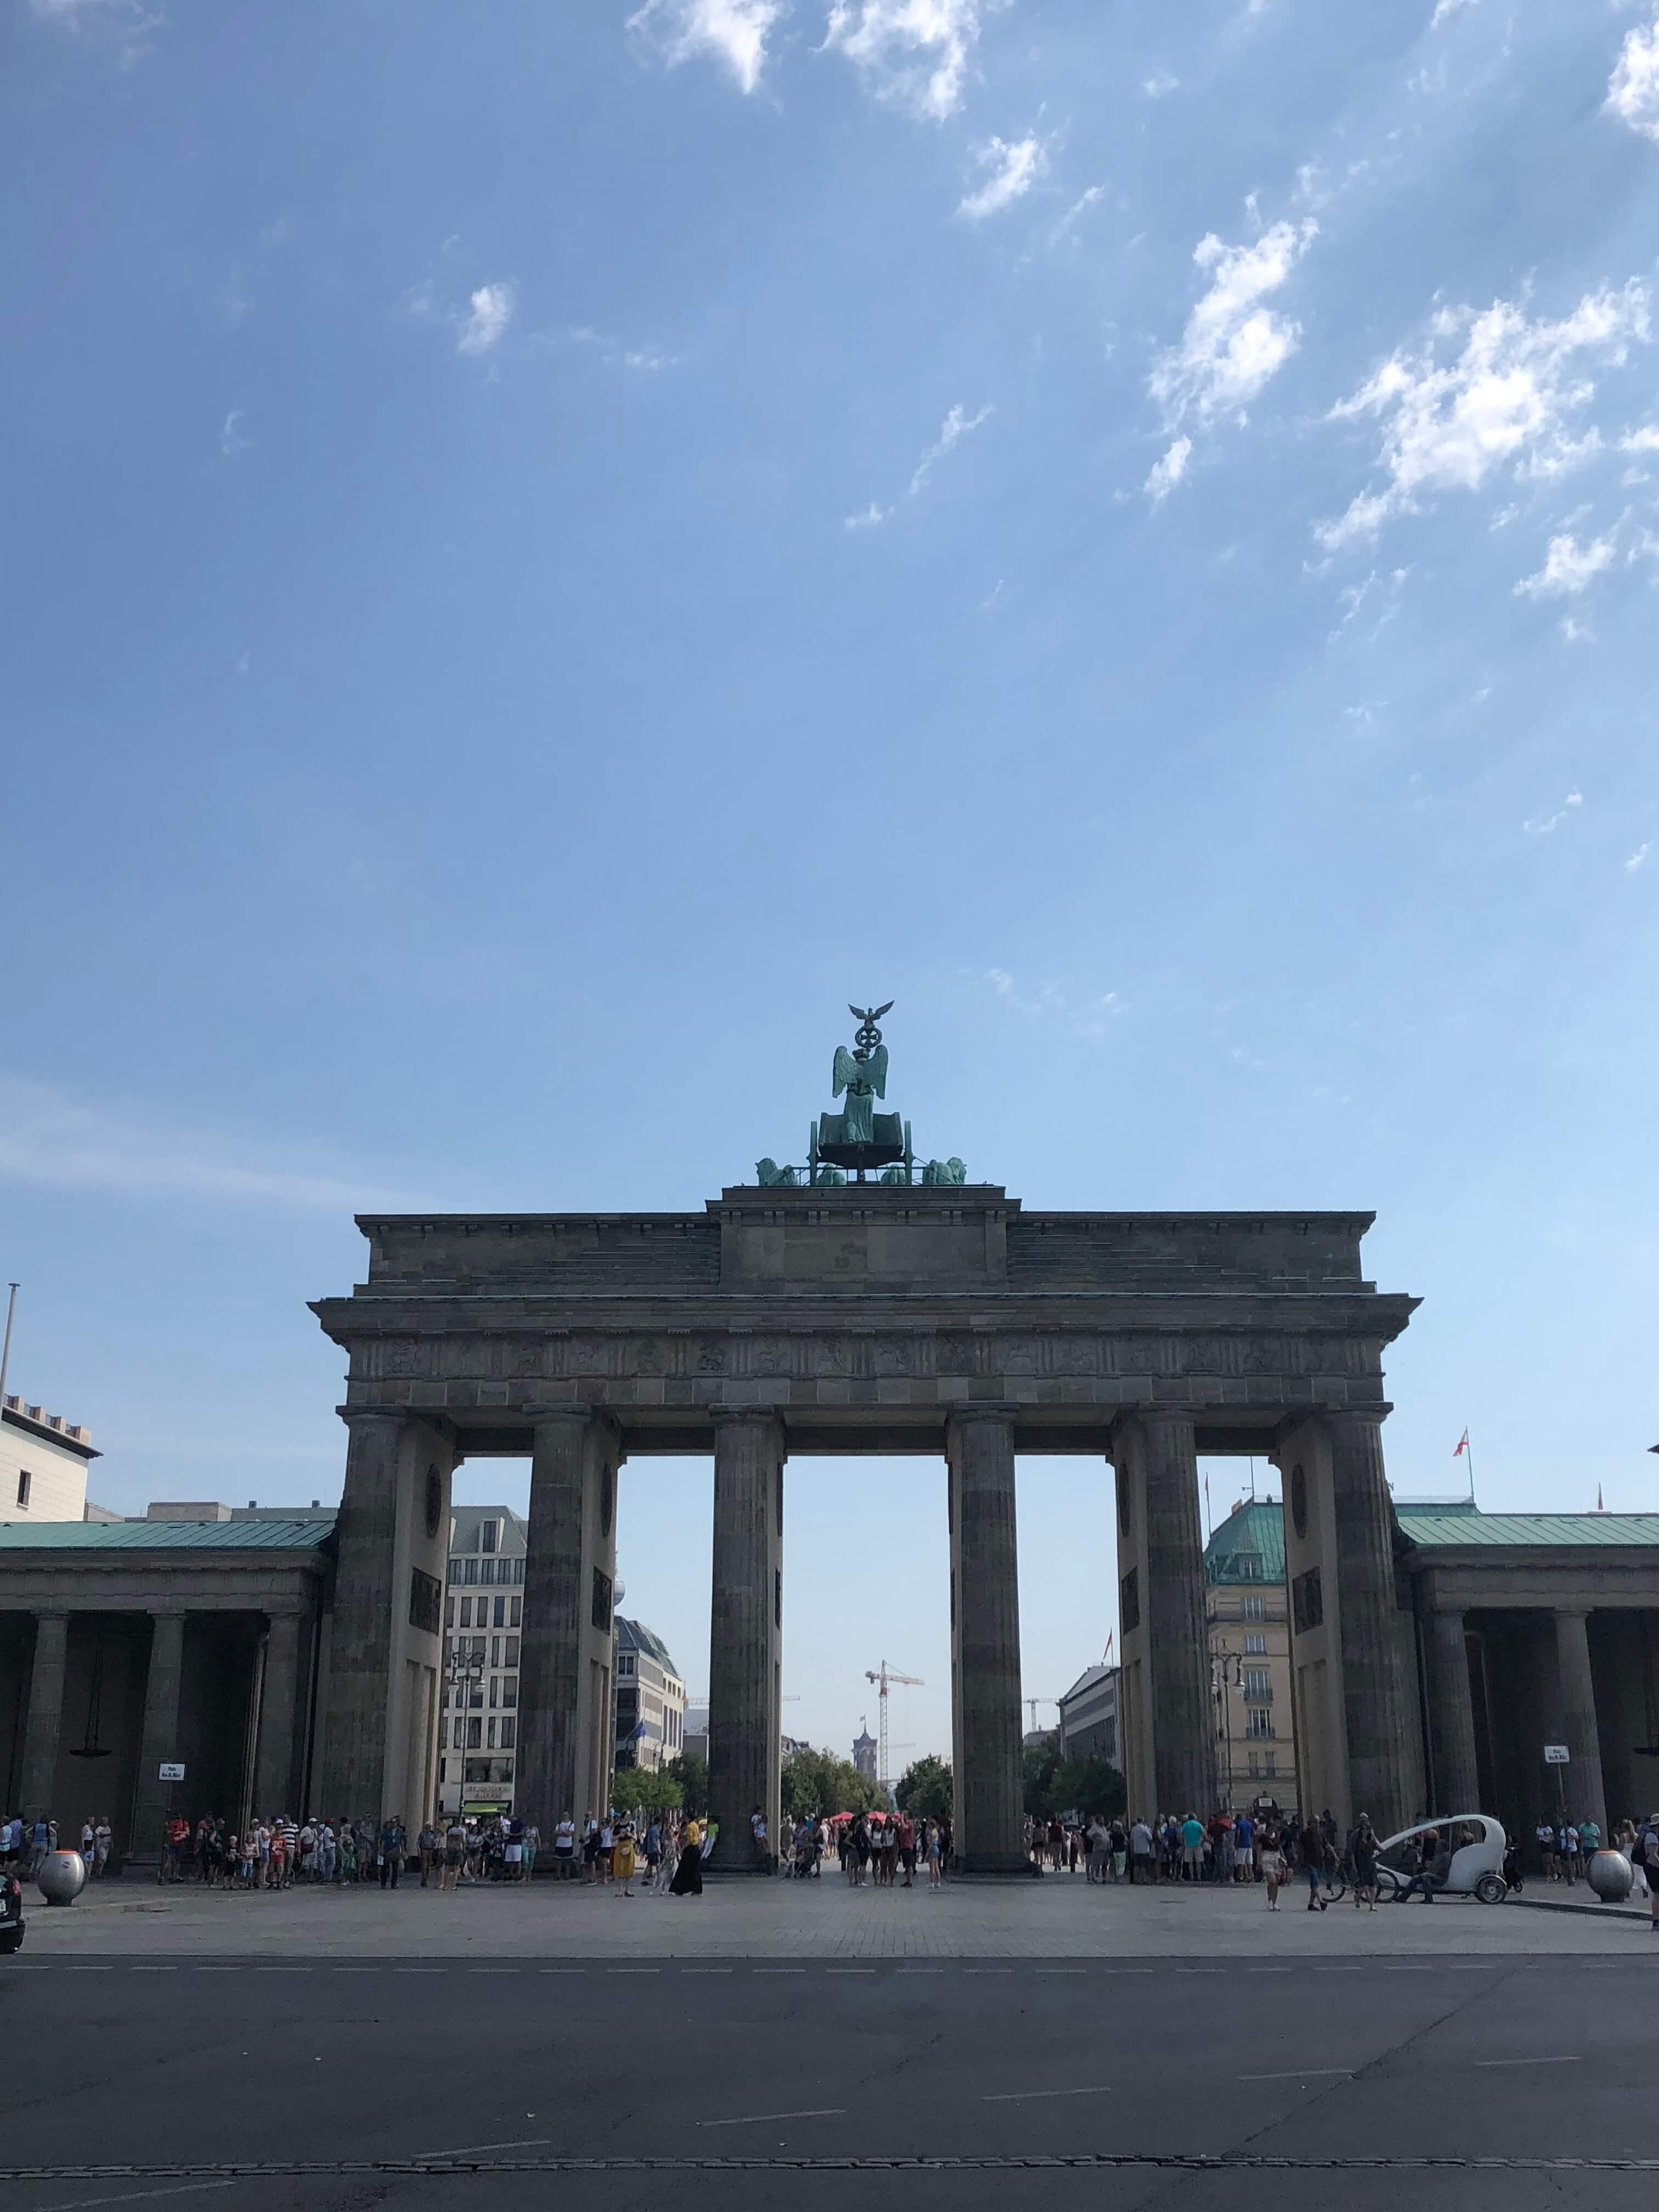 Portão de Brandeburgo, roteiro em berlim